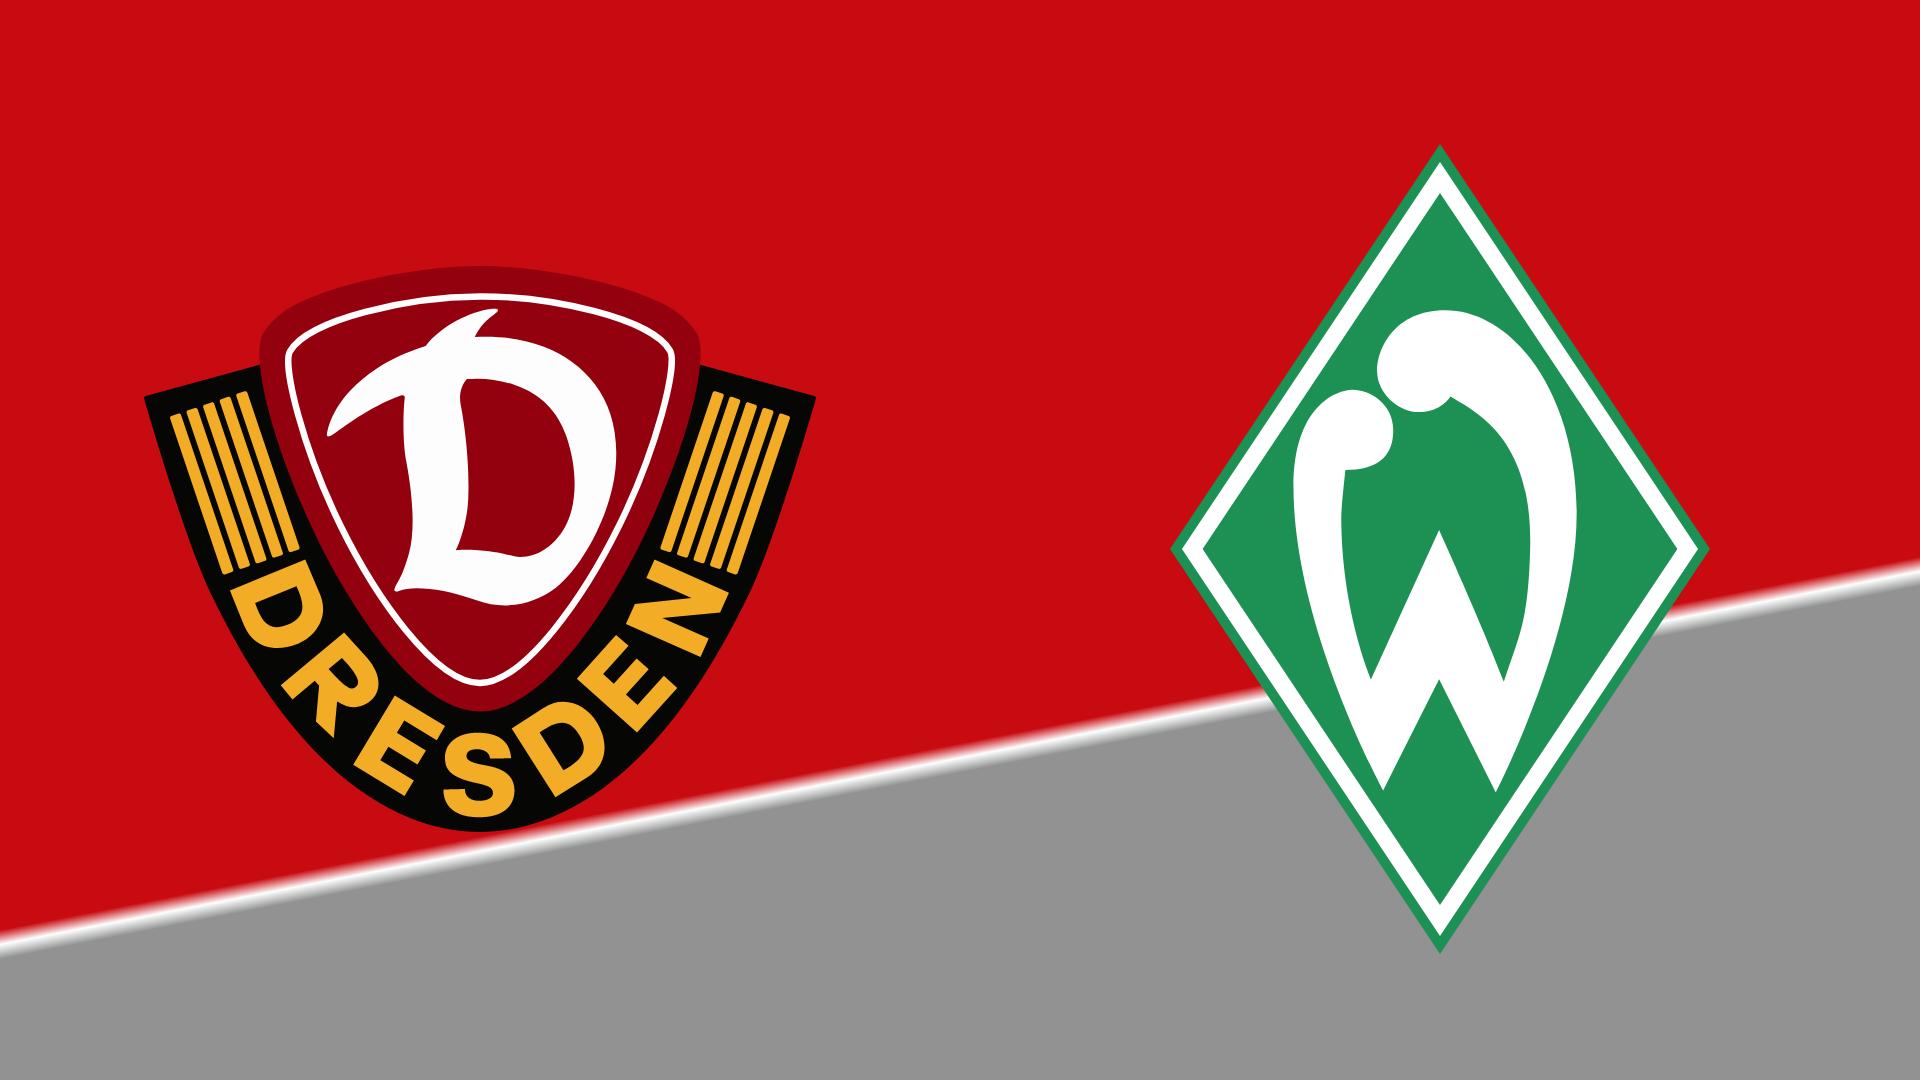 Live 2. BL: Dynamo Dresden - Werder Bremen, 8. Spieltag 26.09.2021 um 13:00 Uhr auf Sky Ticket